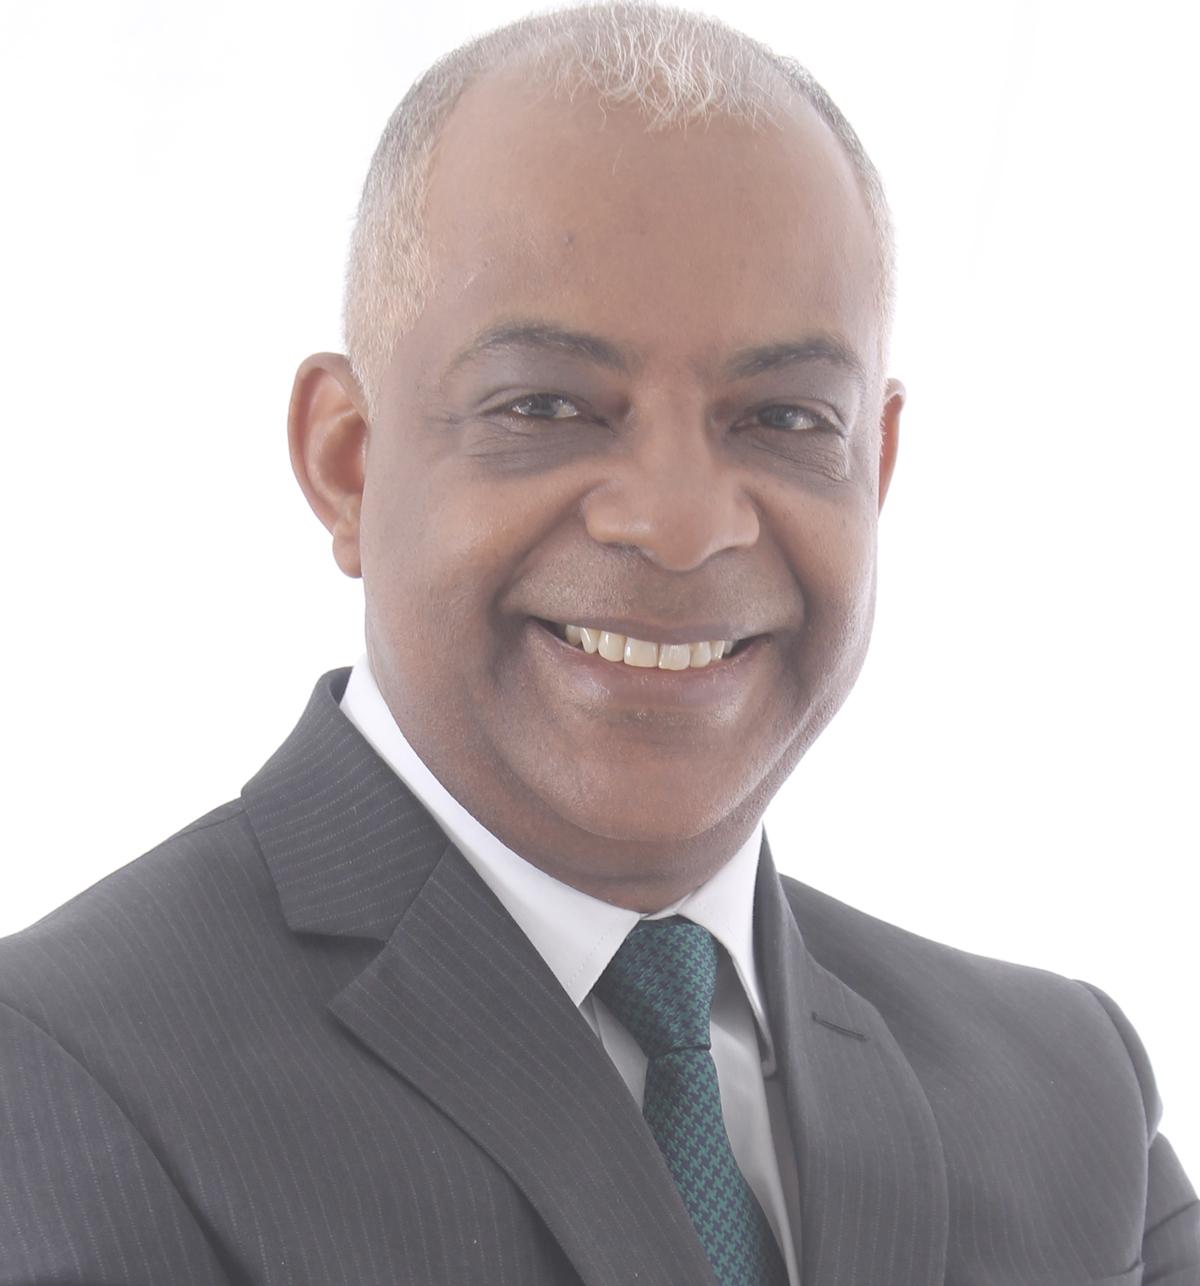 Ricardo de Souza Moreira